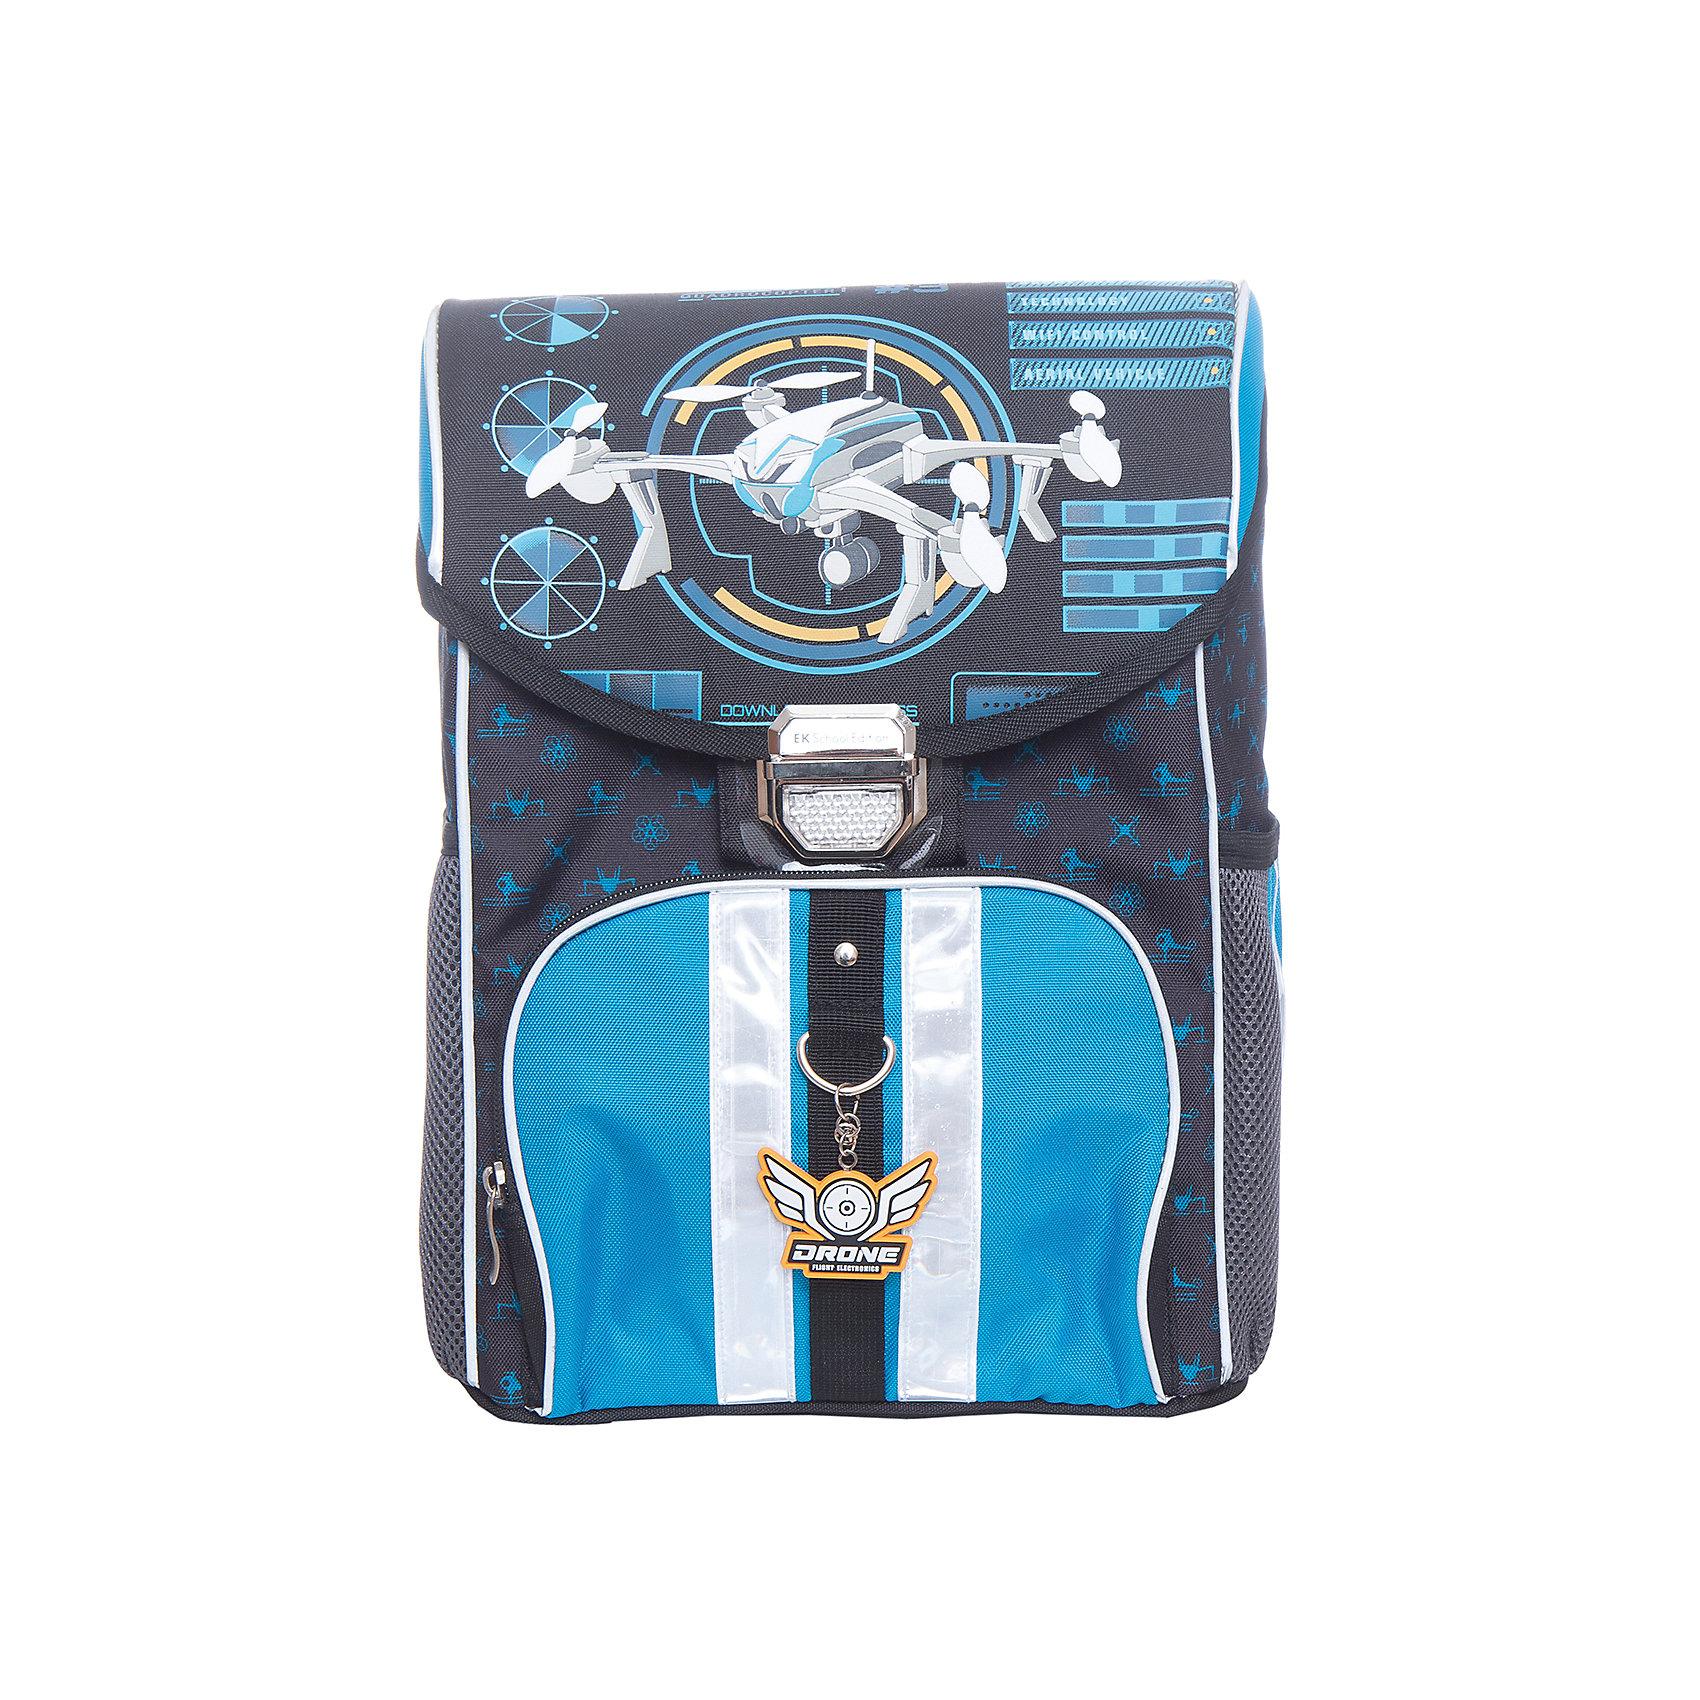 Ранец Erich Krause с эргономичной спинкой QuadrocoptersРанцы<br>Характеристики товара:<br><br>• серия: Generic<br>• коллекция: Quadrocopters<br>• цвет: черный, синий<br>• для начальной школы<br>• для девочек<br>• материал: полиэстер, пластик<br>• спинка: ортопедическая<br>• размер изделия: 36х28х17 см<br>• вес в кг: 680гр<br>• страна бренда: Германия<br>• страна изготовитель: Китай<br><br>Школьный ранец Erich Krause Generic весом всего в 680 грамм обеспечивает комфортное ношение рюкзака в школе.<br><br>Эргономичная спинка не позволяет неокрепшему позвоночнику деформироваться. Несмотря на свой маленький вес, объема хватает, чтобы положить внутрь все школьные принадлежности.<br><br>Просторное отделение разделяется 2 мягкими перегородками для тетрадок, а дополнительные аксессуары помещаются в 3 внешних кармана.<br><br>Дно и боковые части отличаются особопрочной конструкцией, которая защищает ранец от повреждений. Прочный материал выдержит любую погоду. Спинка с сеткой обеспечивает вентиляцию спины и плеч.<br><br>Светоотражающие полосы расположены на переднем кармане, сбоку и на лямках. Они гарантируют видимость на темной дороге.<br><br>Erich Krause Ранец с эргономичной спинкой Quadrocopters можно купить в нашем интернет-магазине.<br><br>Ширина мм: 370<br>Глубина мм: 290<br>Высота мм: 190<br>Вес г: 1125<br>Возраст от месяцев: 72<br>Возраст до месяцев: 96<br>Пол: Мужской<br>Возраст: Детский<br>SKU: 6842754